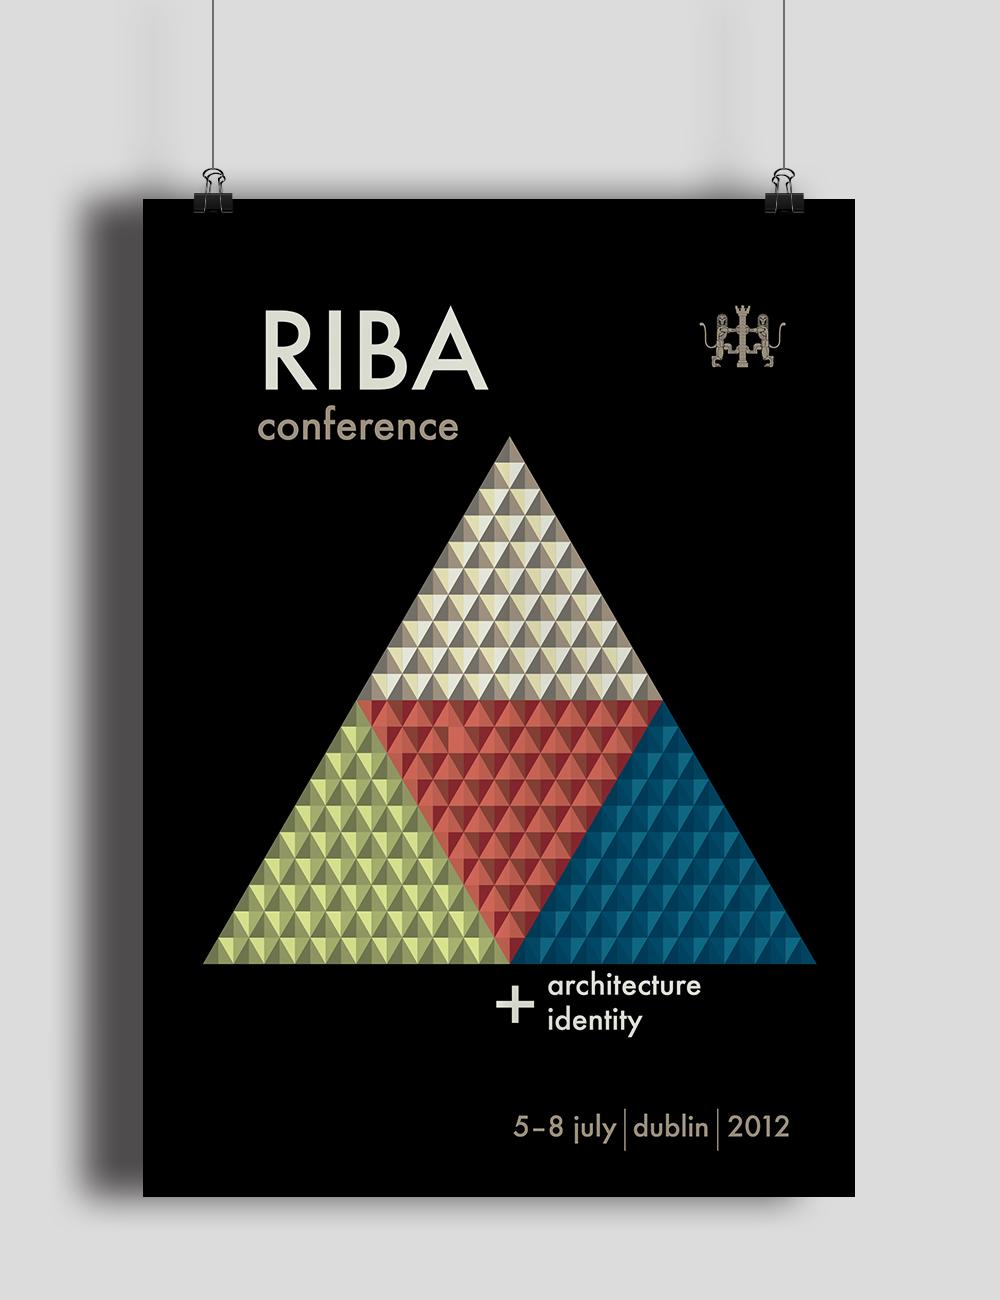 Martyna Kramarczyk-brand design-freelance graphic designer-poster design.jpg